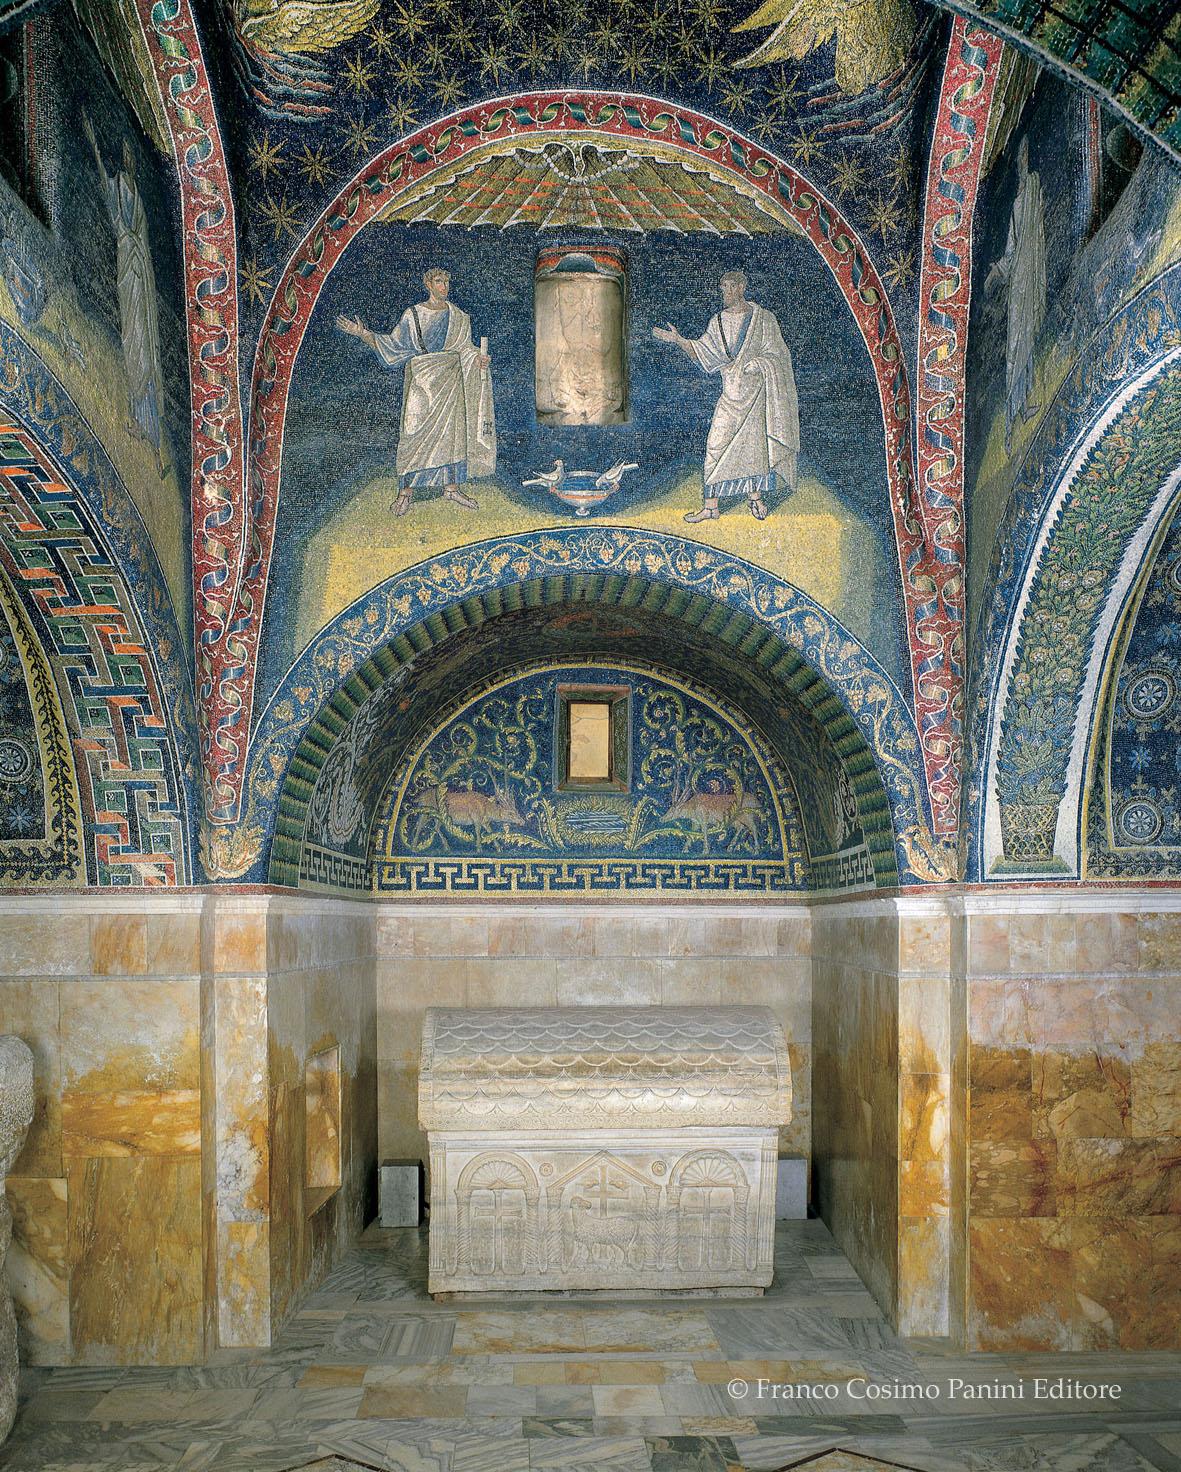 Mausoleo di galla placidia interno 28 images mausoleo for Interno 28